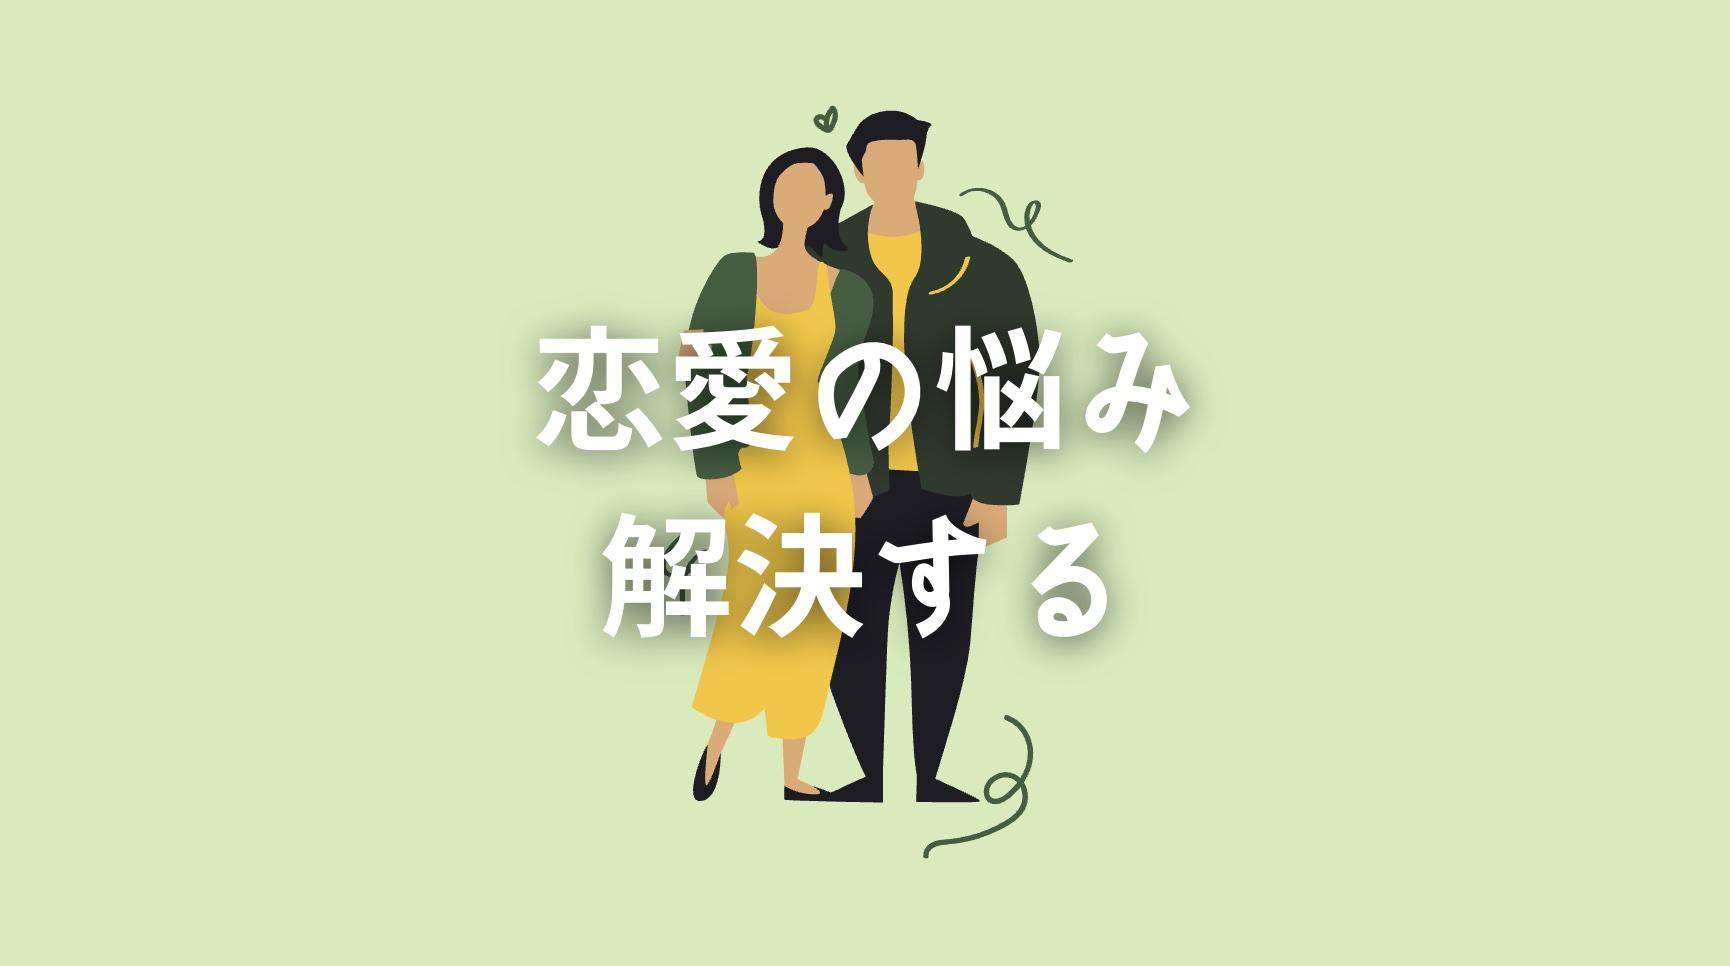 恋愛の悩みを解決する3つの方法